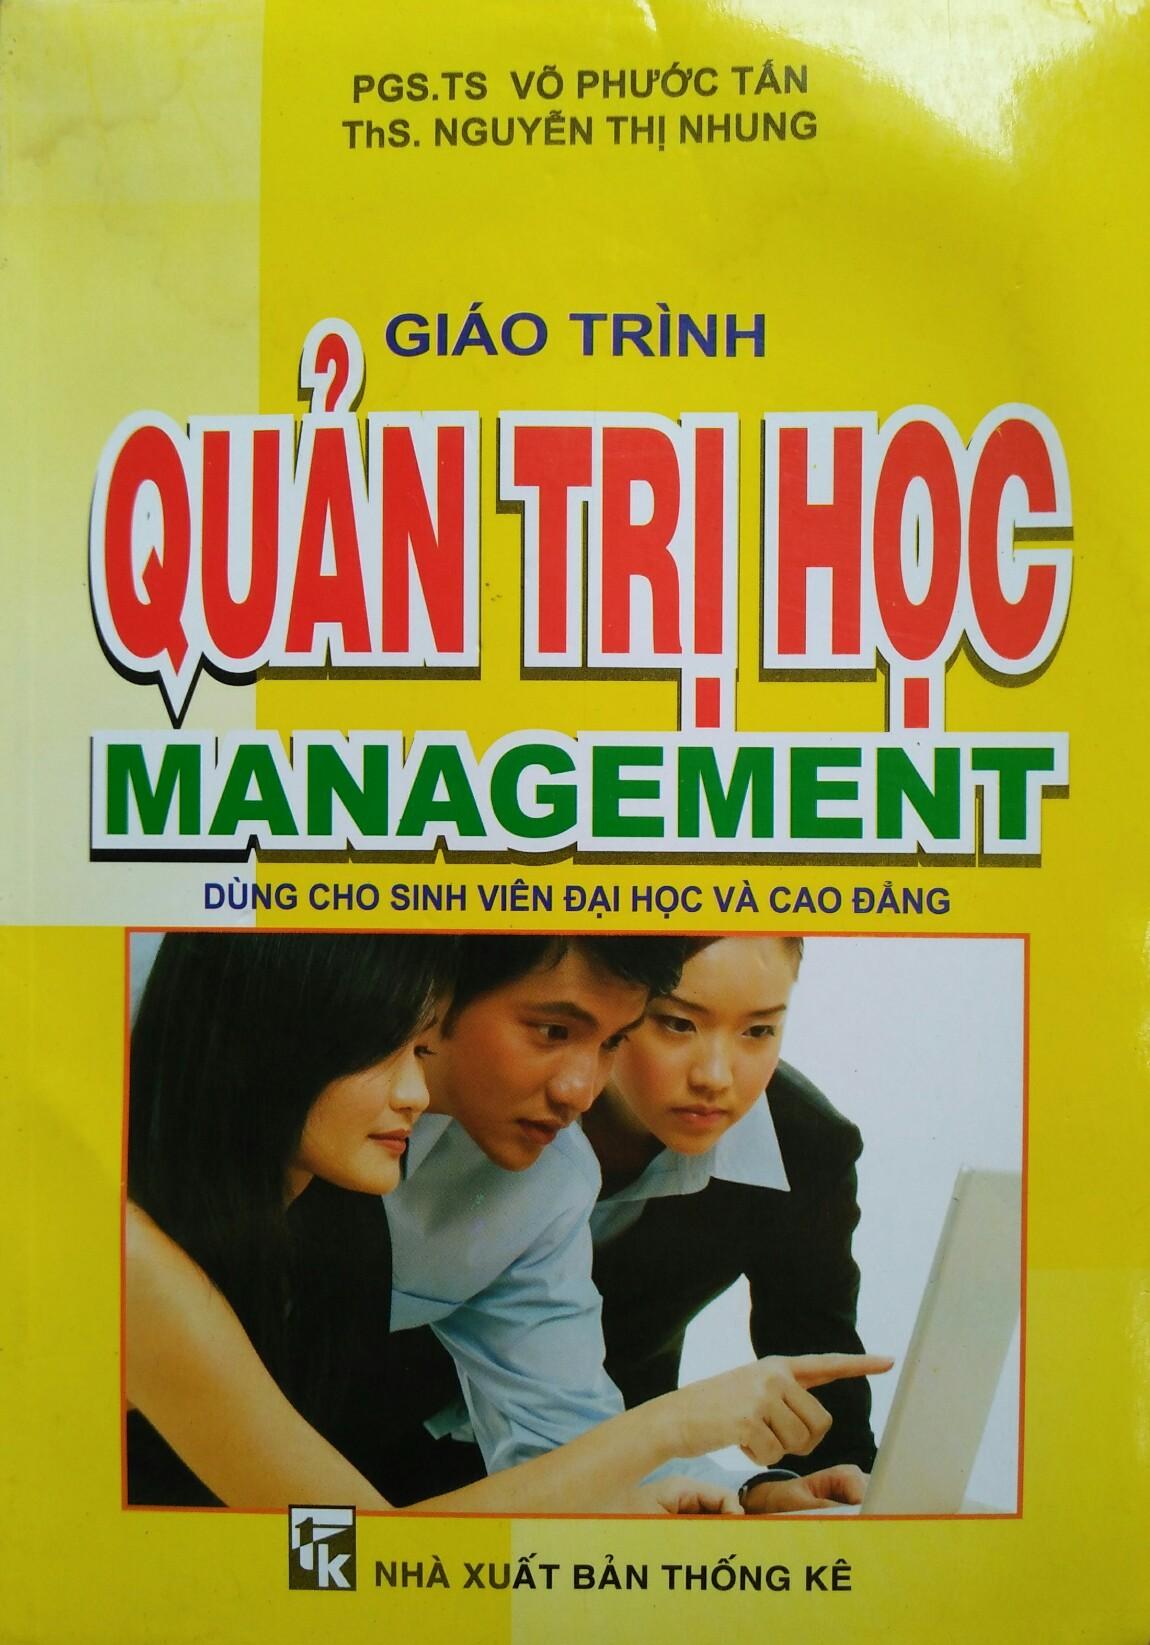 Quản trị học management